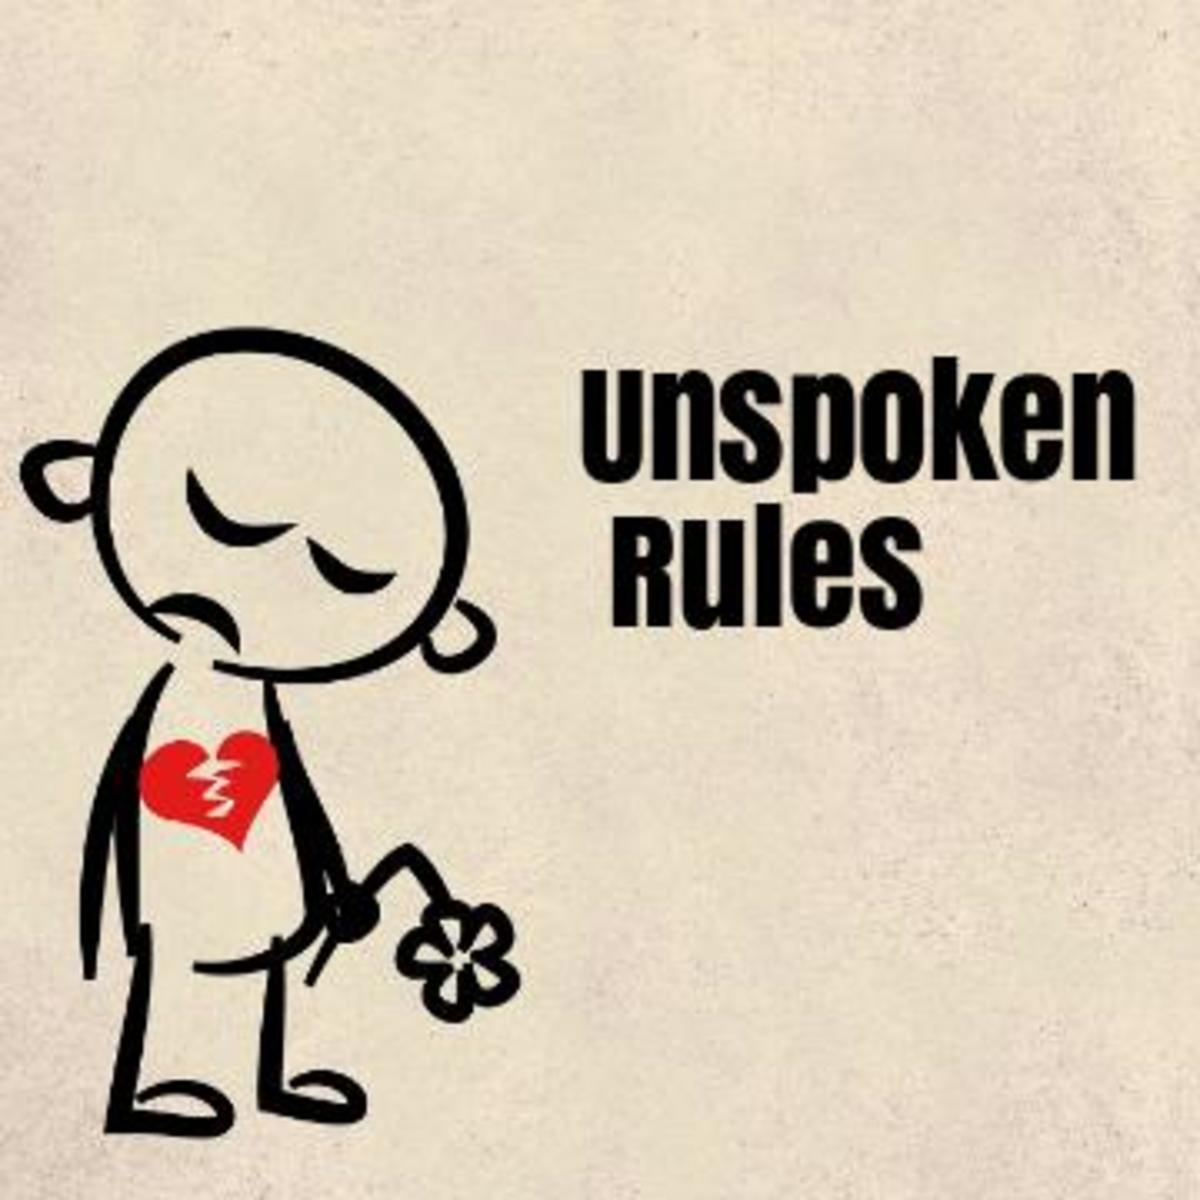 Poem: Unspoken Rules